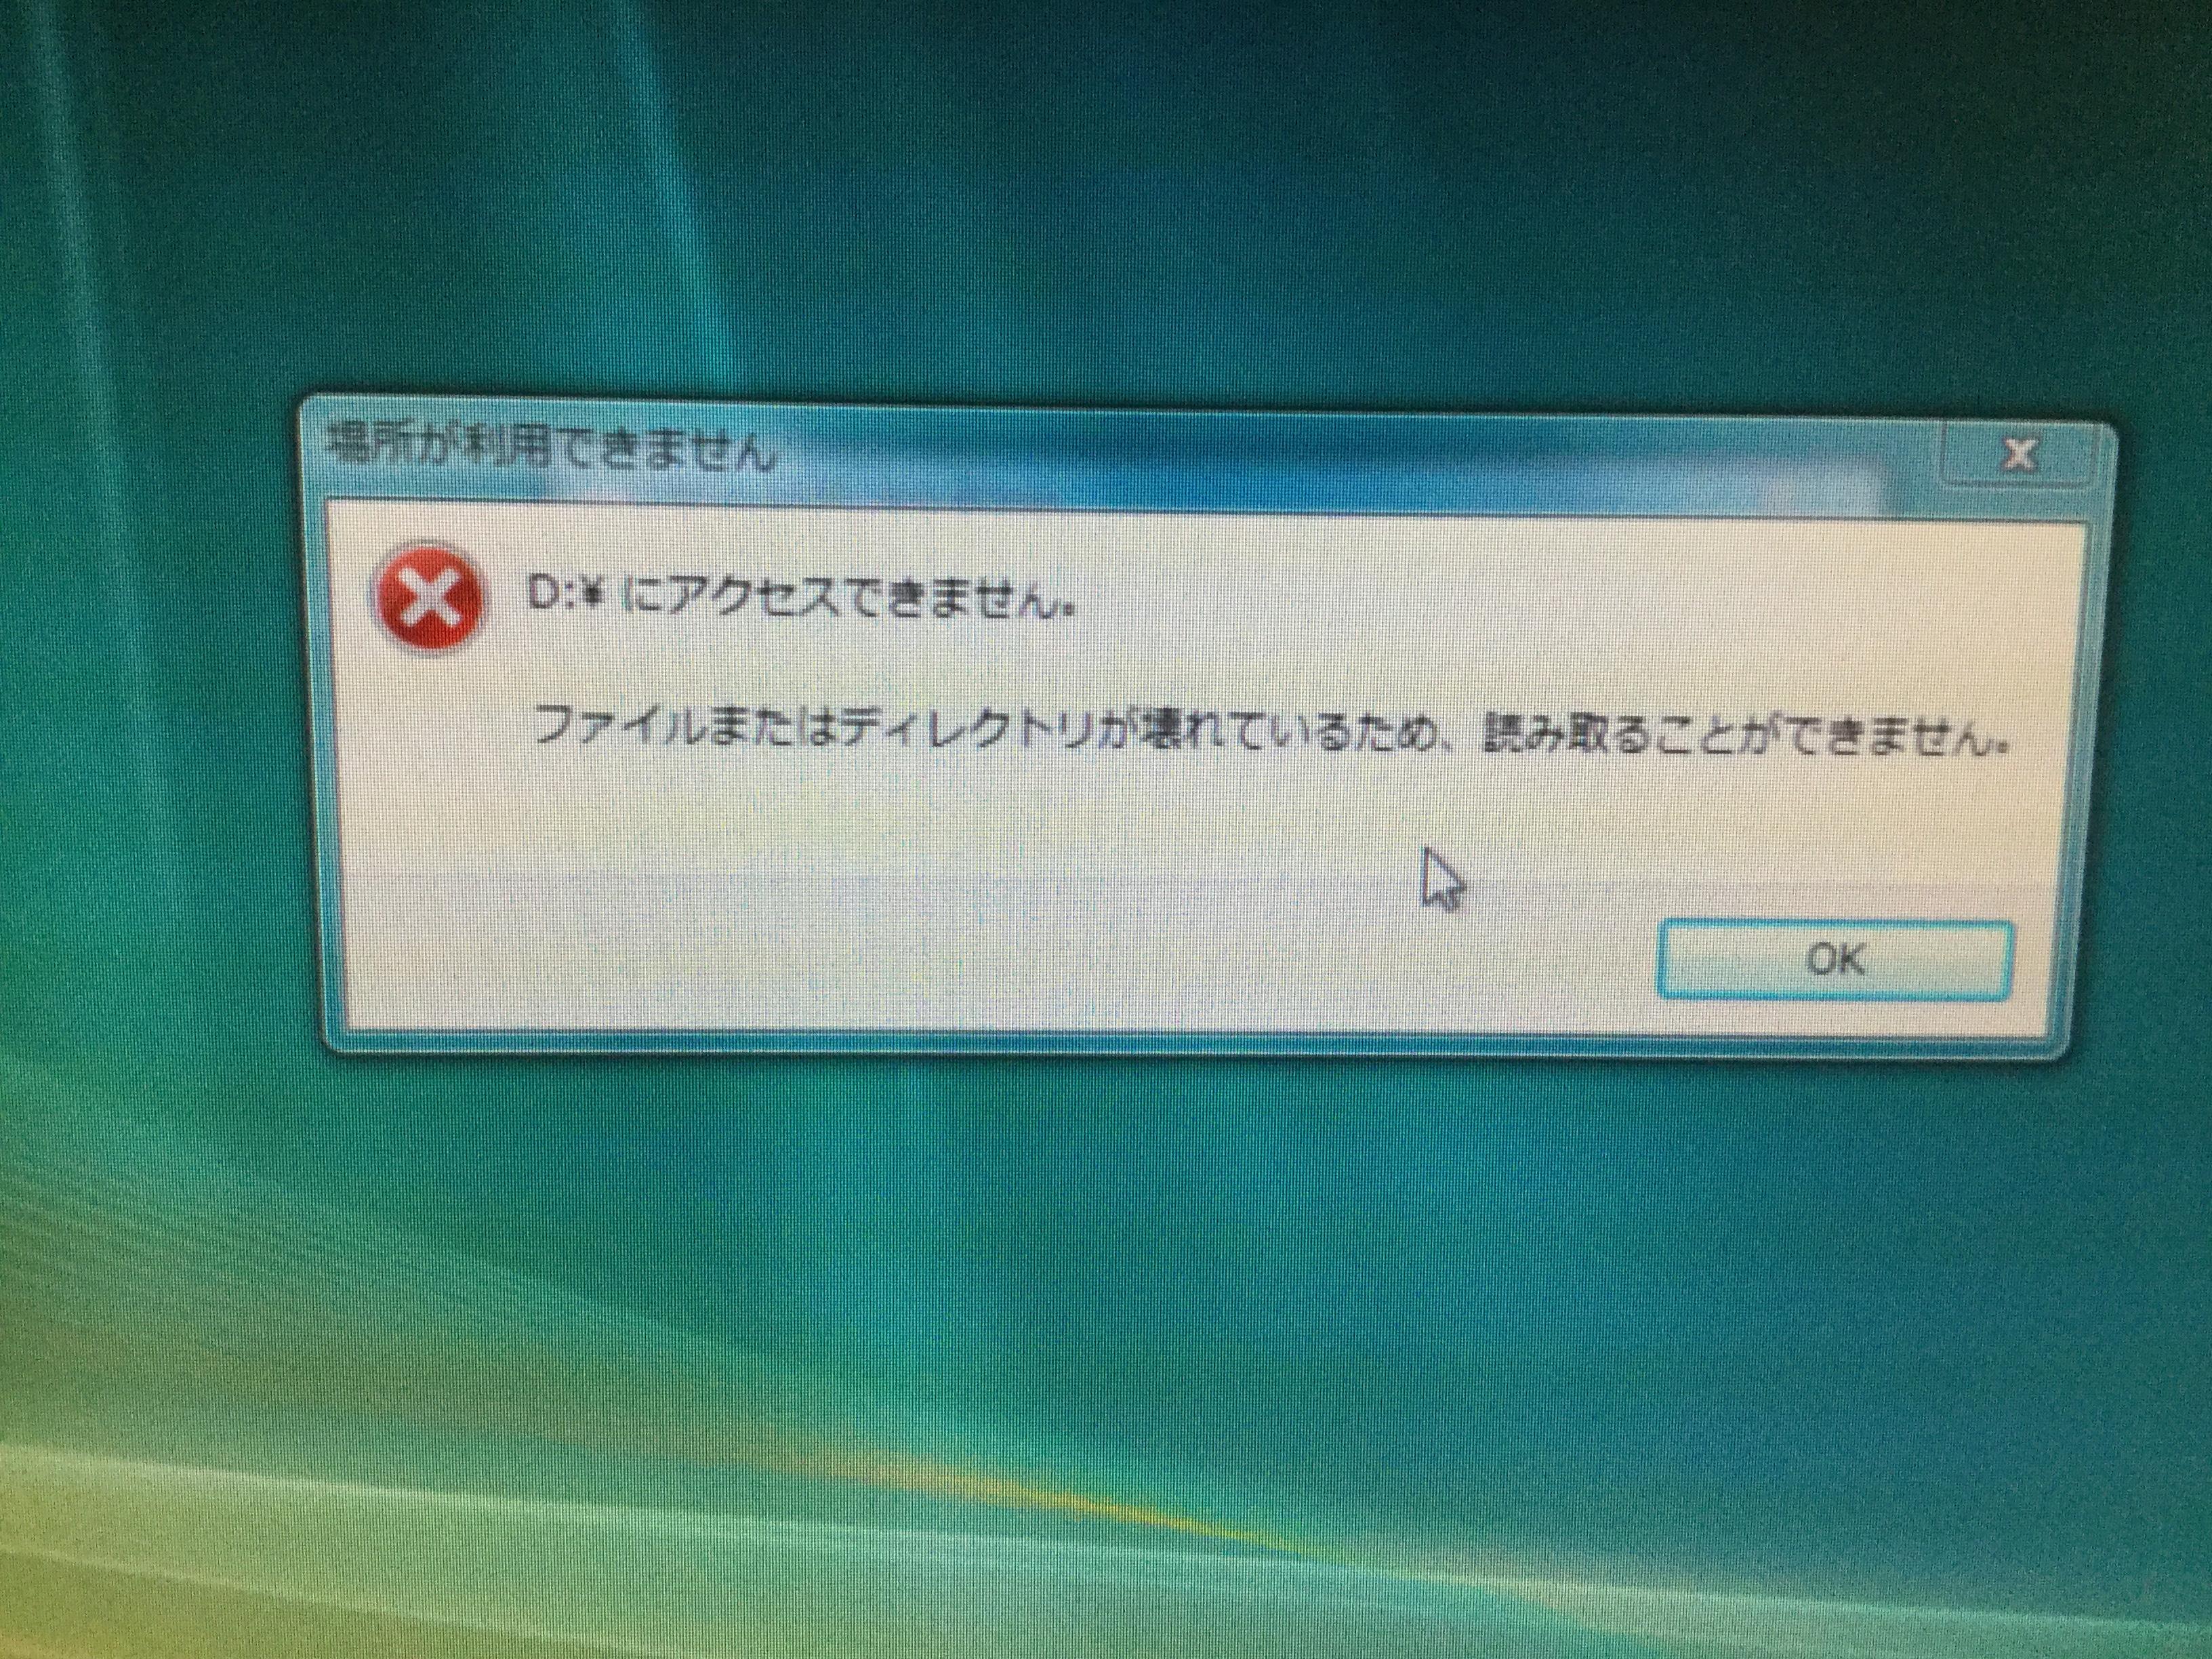 大阪府吹田市 外付けHDDが読み込めない/富士通 Windows 7のイメージ